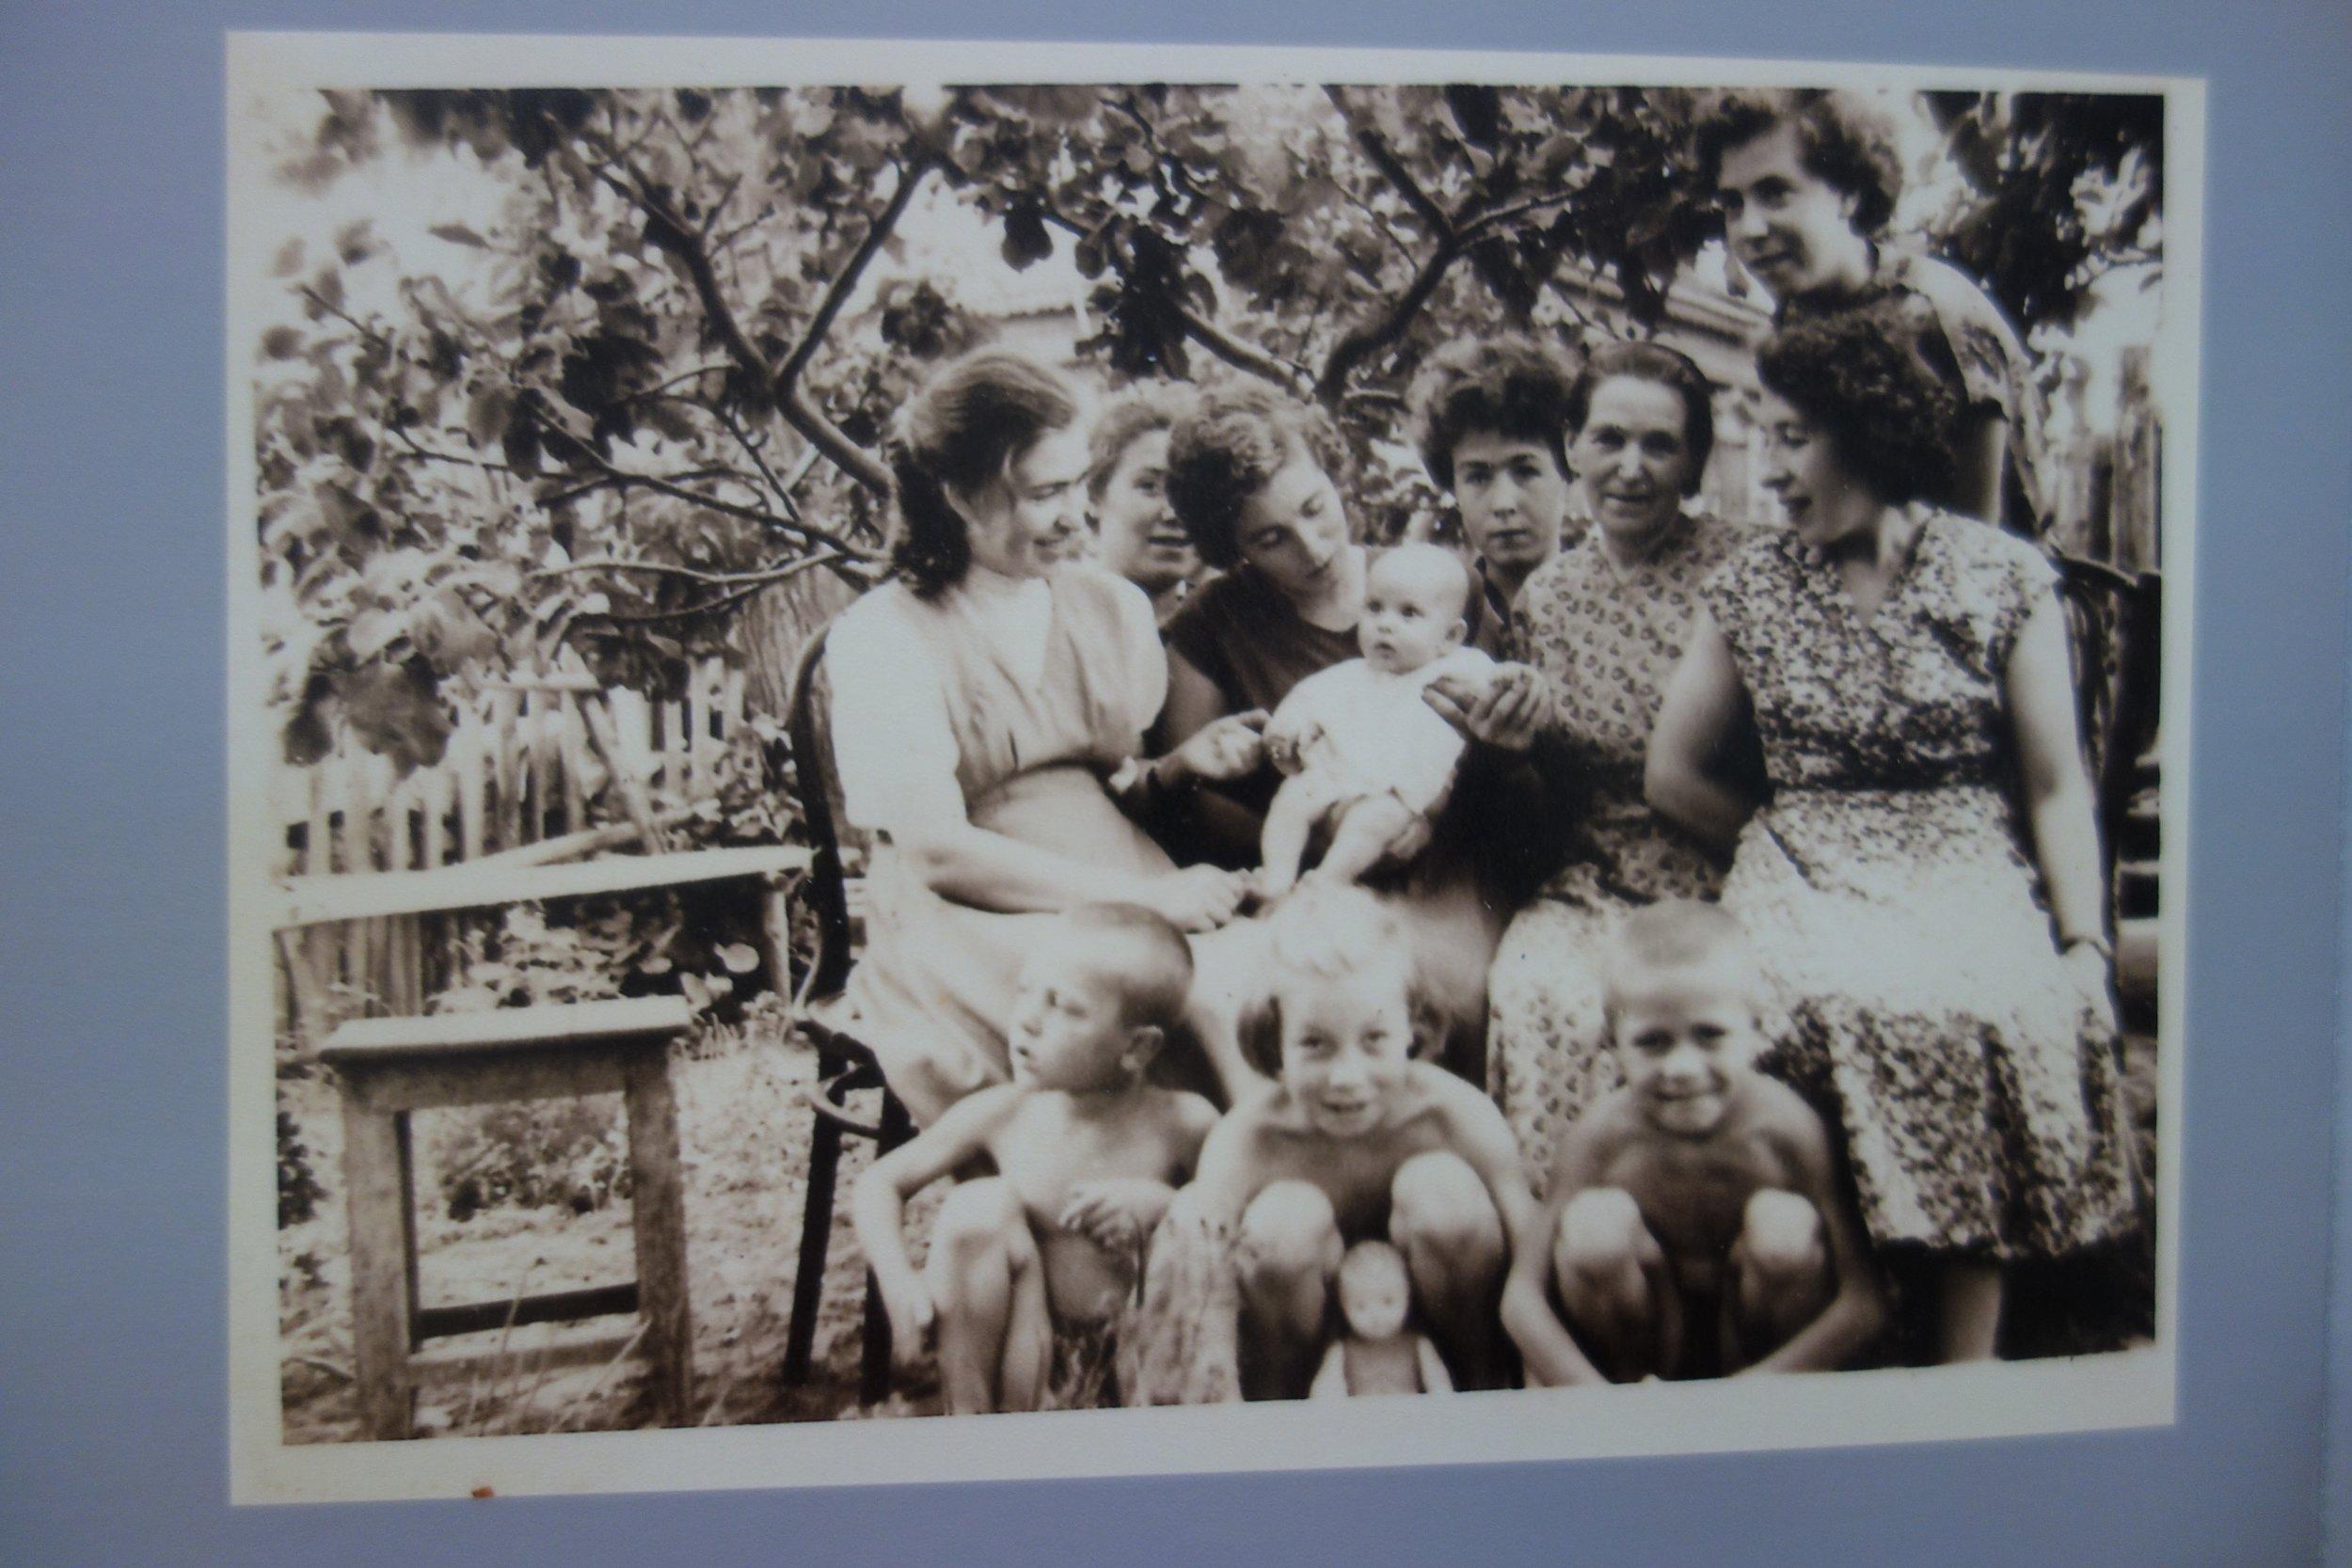 3 generations: My grandmother Polya, her daughters Masha, Liza, Lyuba, Valya, Ira Zoya (my mother, top right) and their children